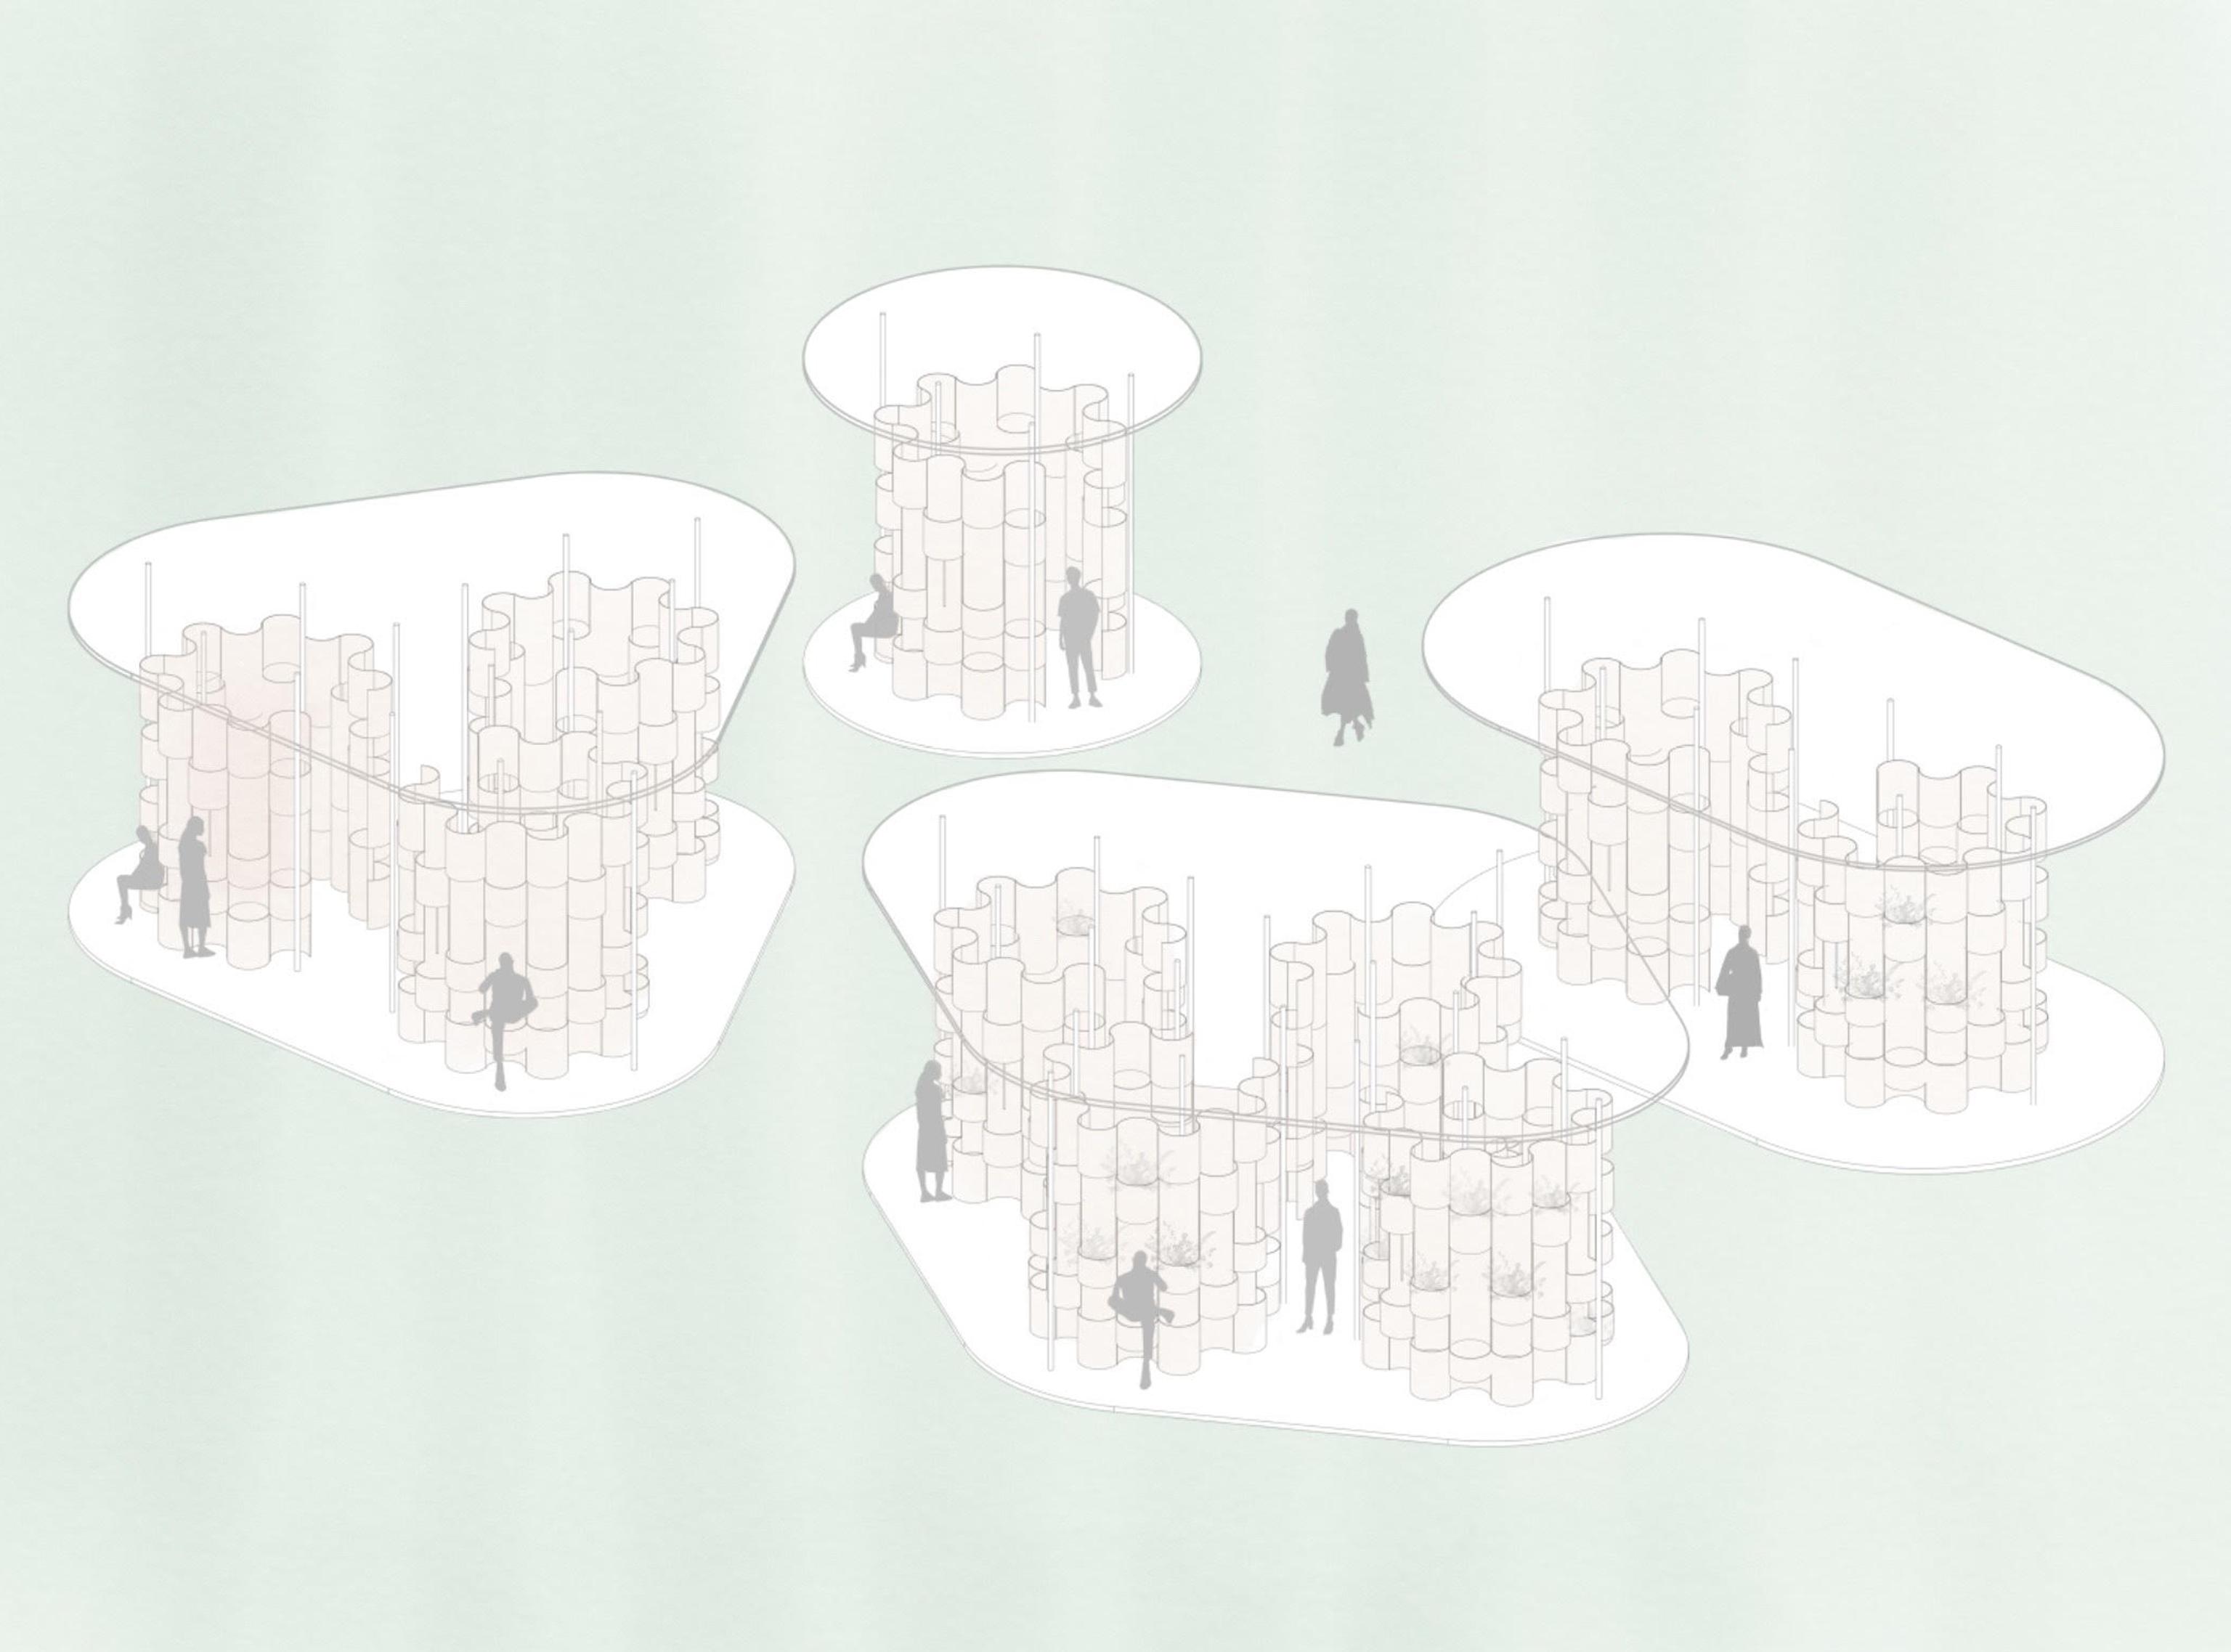 Public Toilets in Amsterdam zU-studio architecture Visual 05